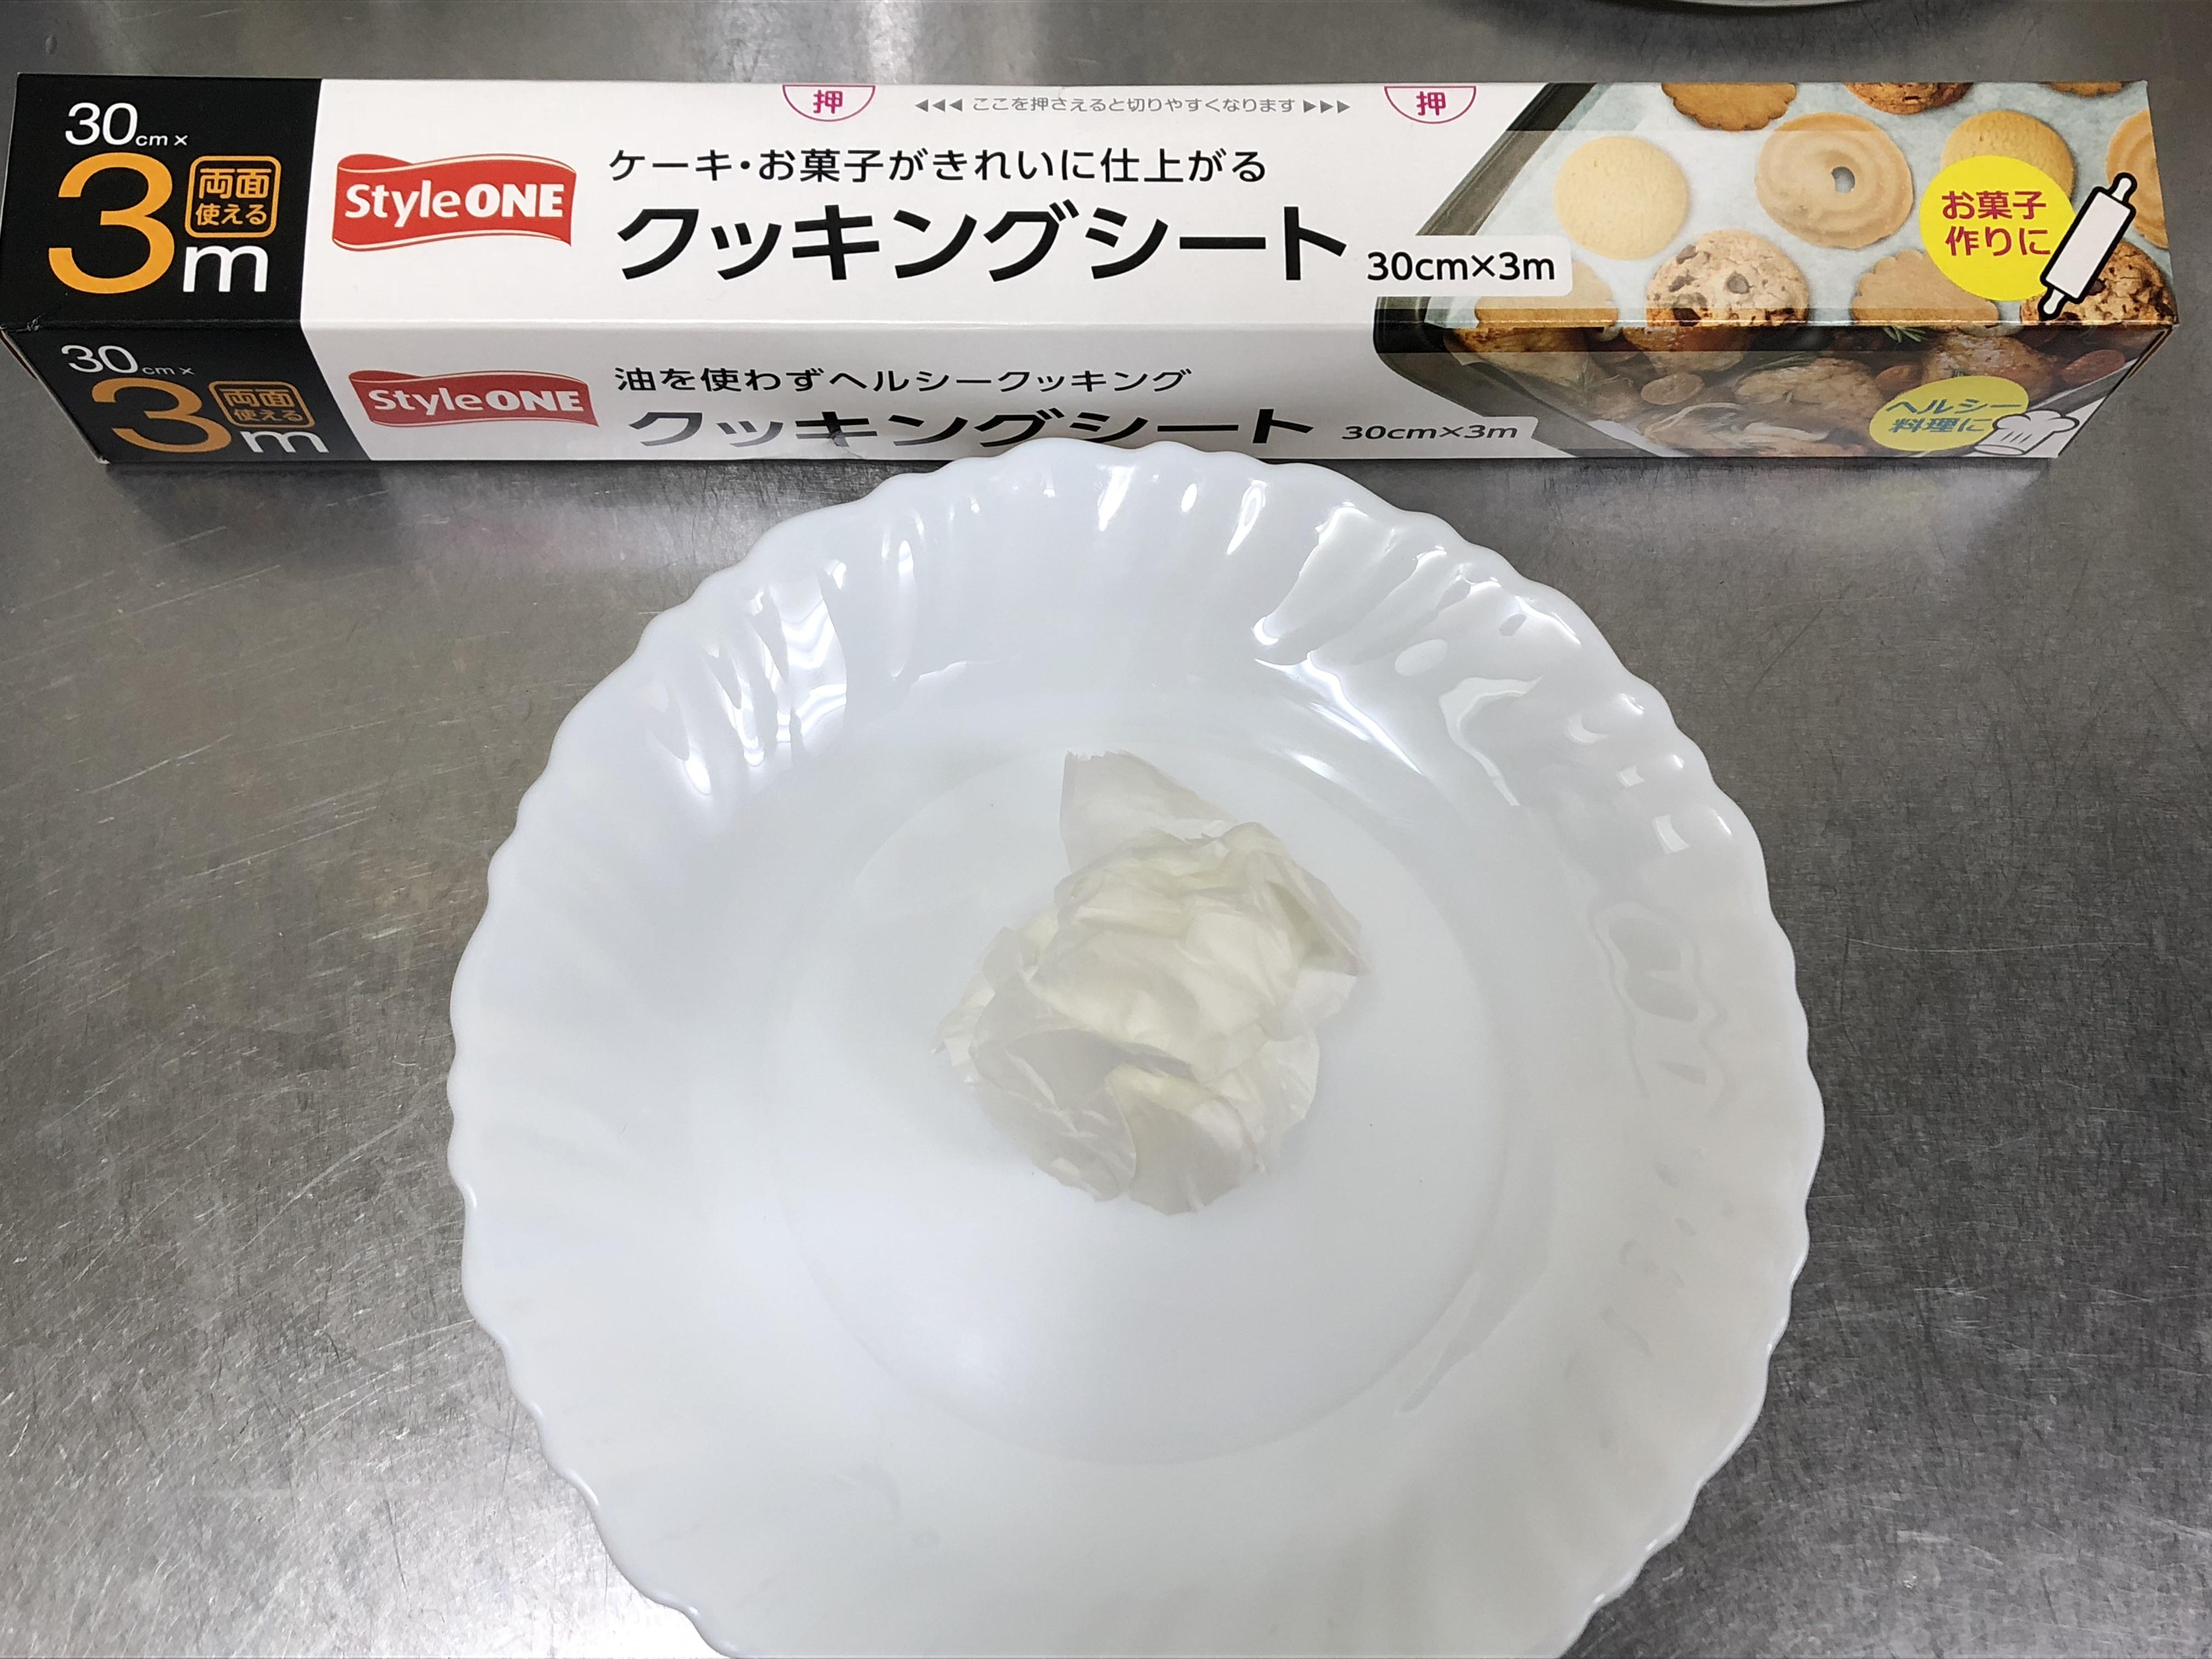 クッキングシートを皿よりも大きく切り取り、一度くしゃくしゃに丸めてシートにシワを付けます。